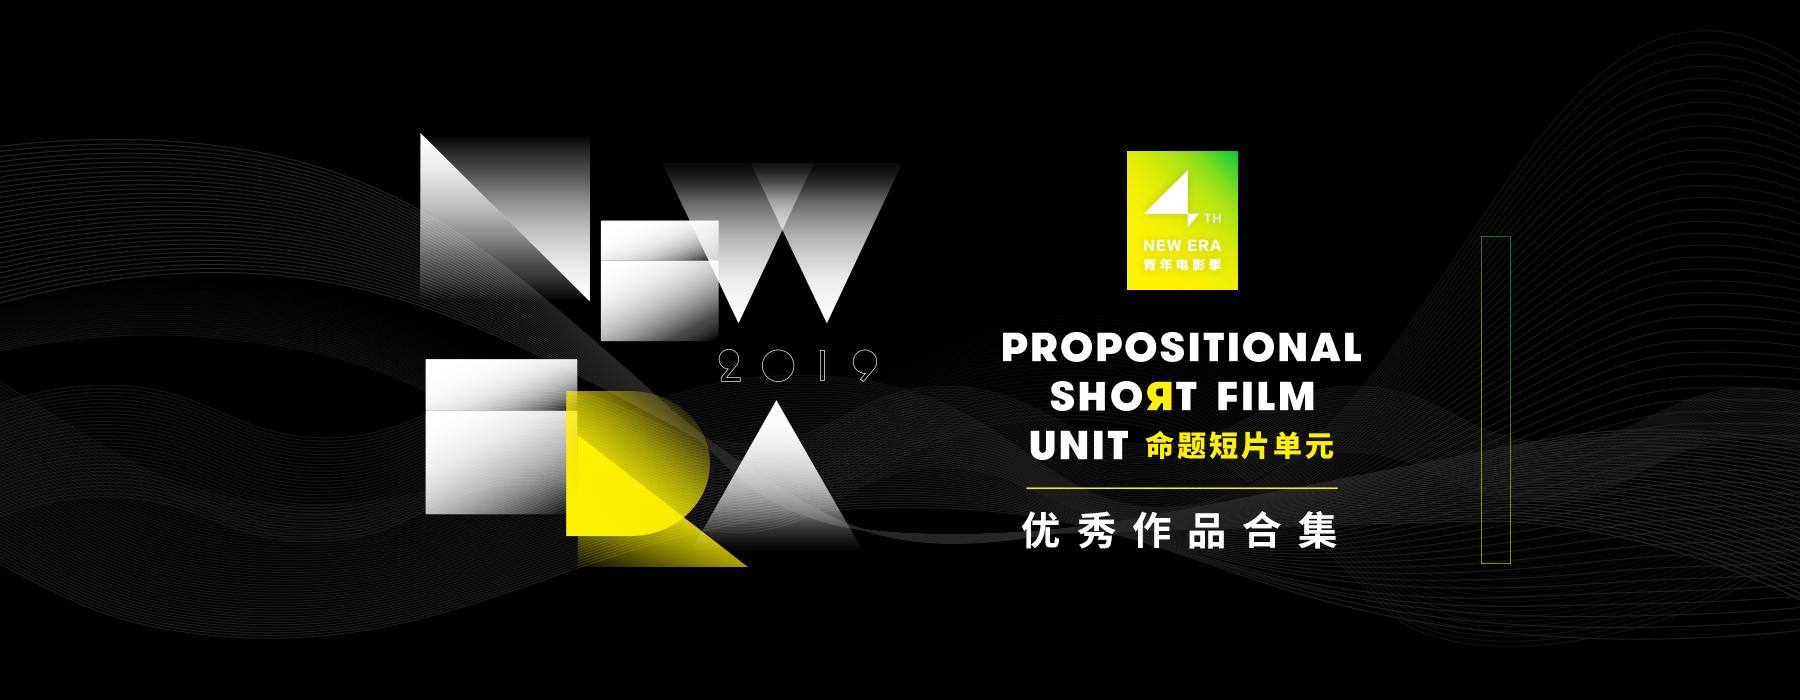 1800x700 V電影活動banner.jpg